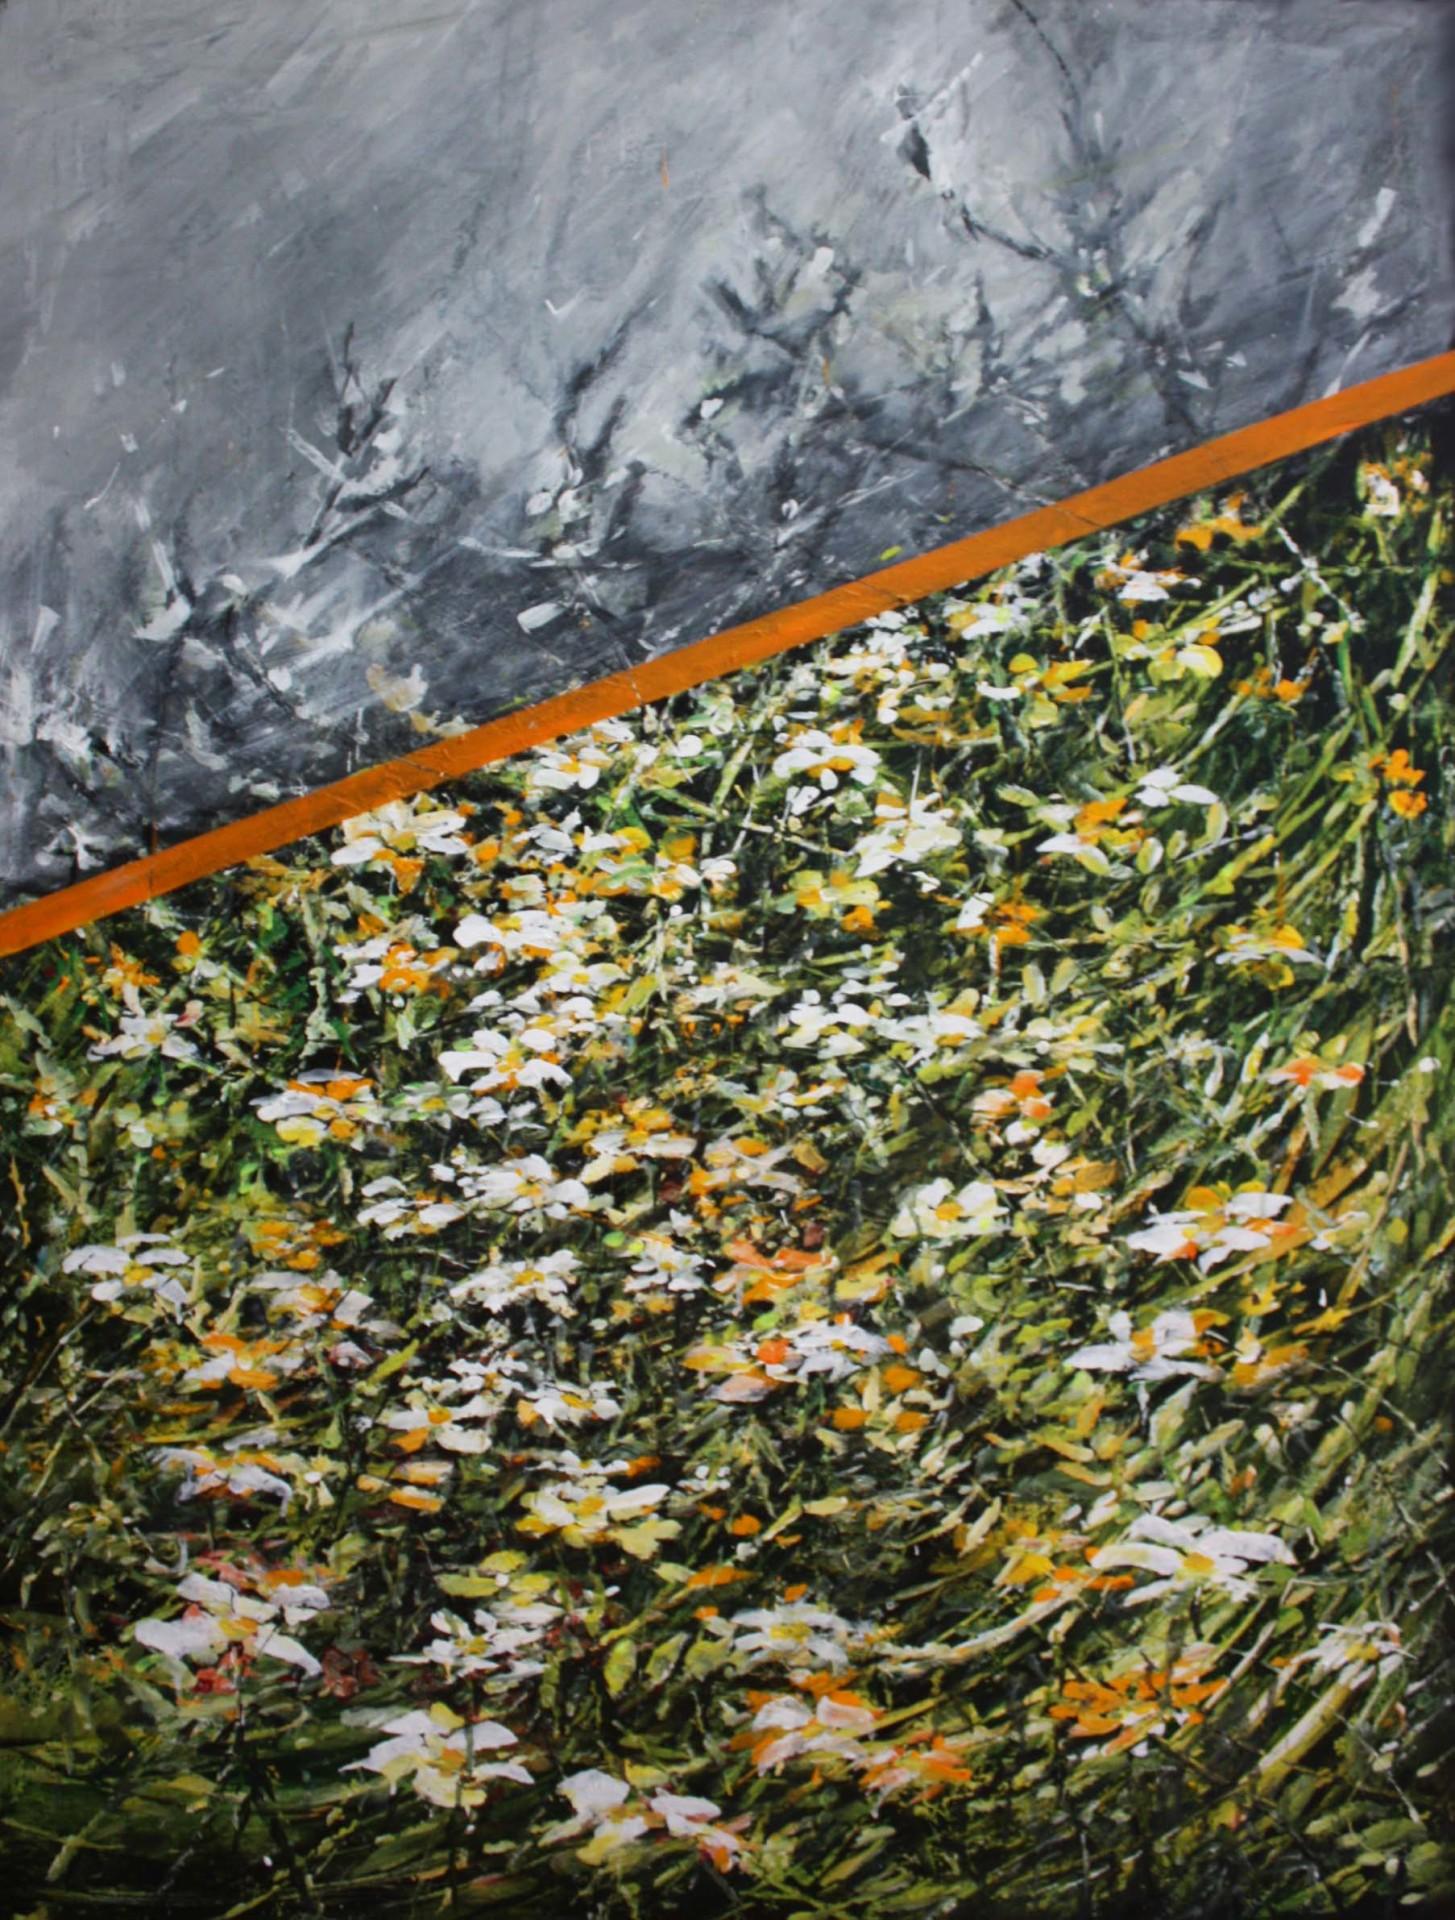 Daisies with orange line